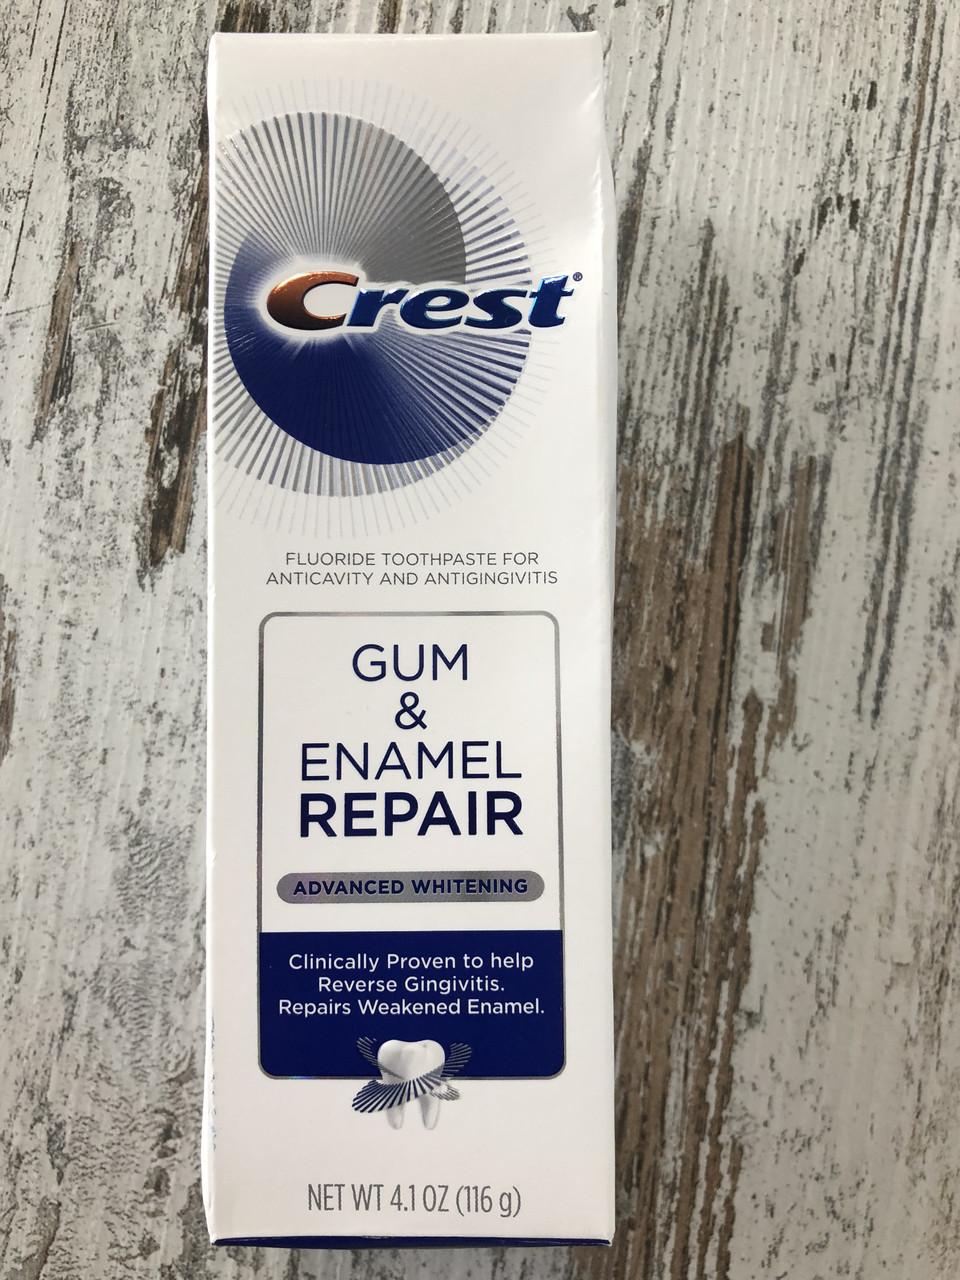 Зубная паста для десен и восстановления эмали Crest Gum and Enamel Repair